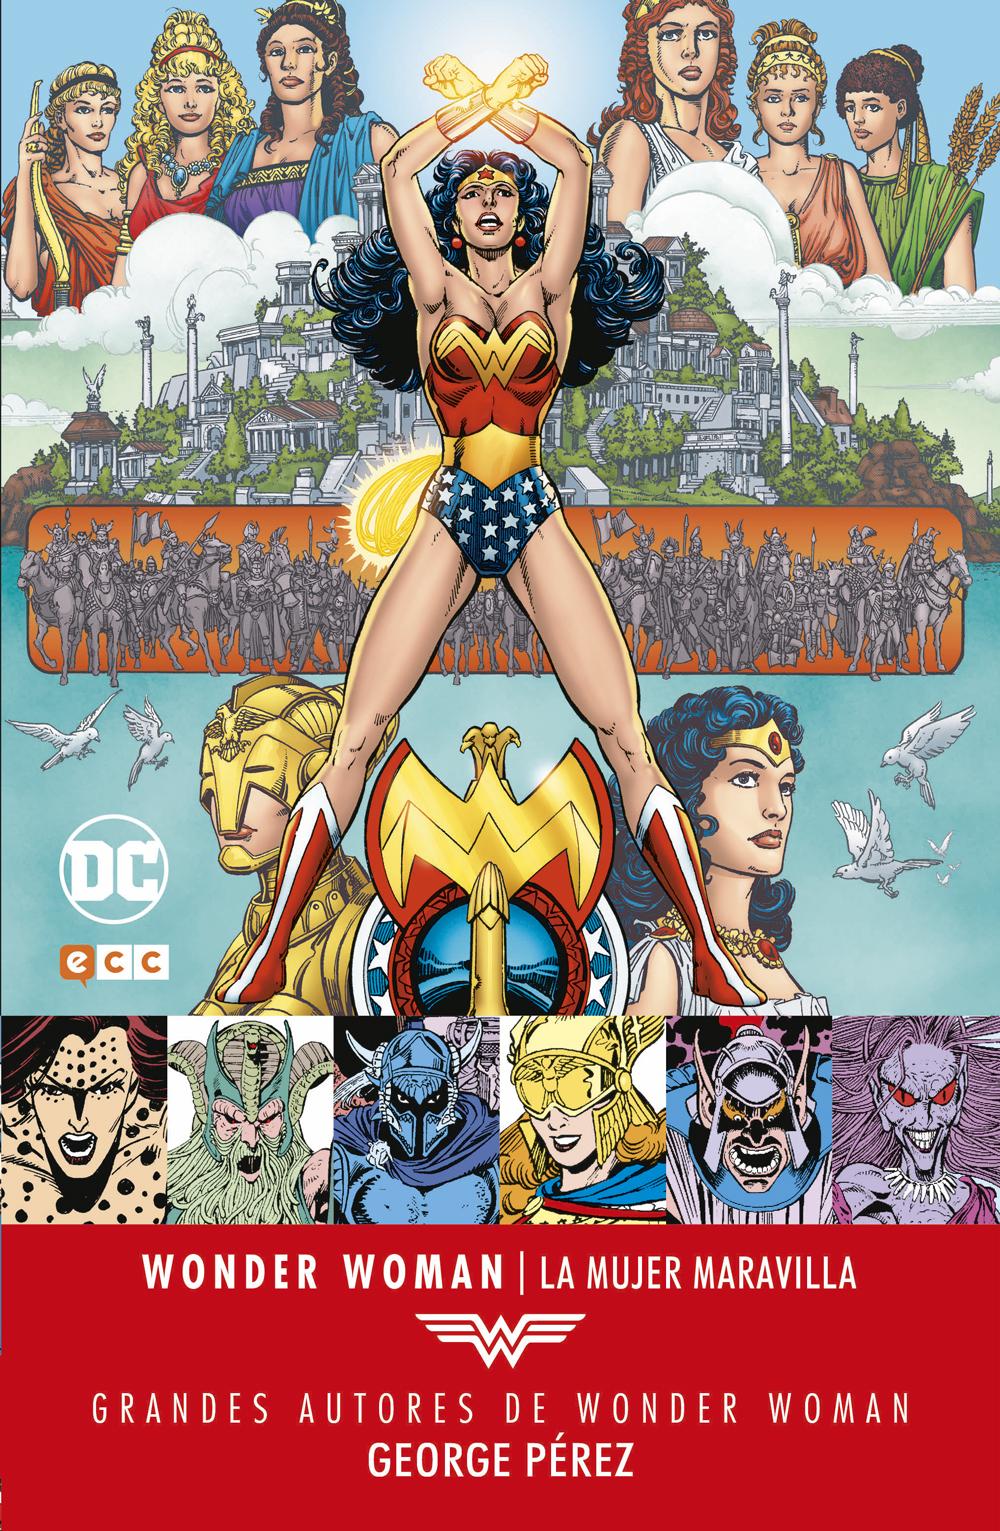 37eeab14c480 Grandes autores de Wonder Woman: George Pérez – La Mujer Maravilla ...